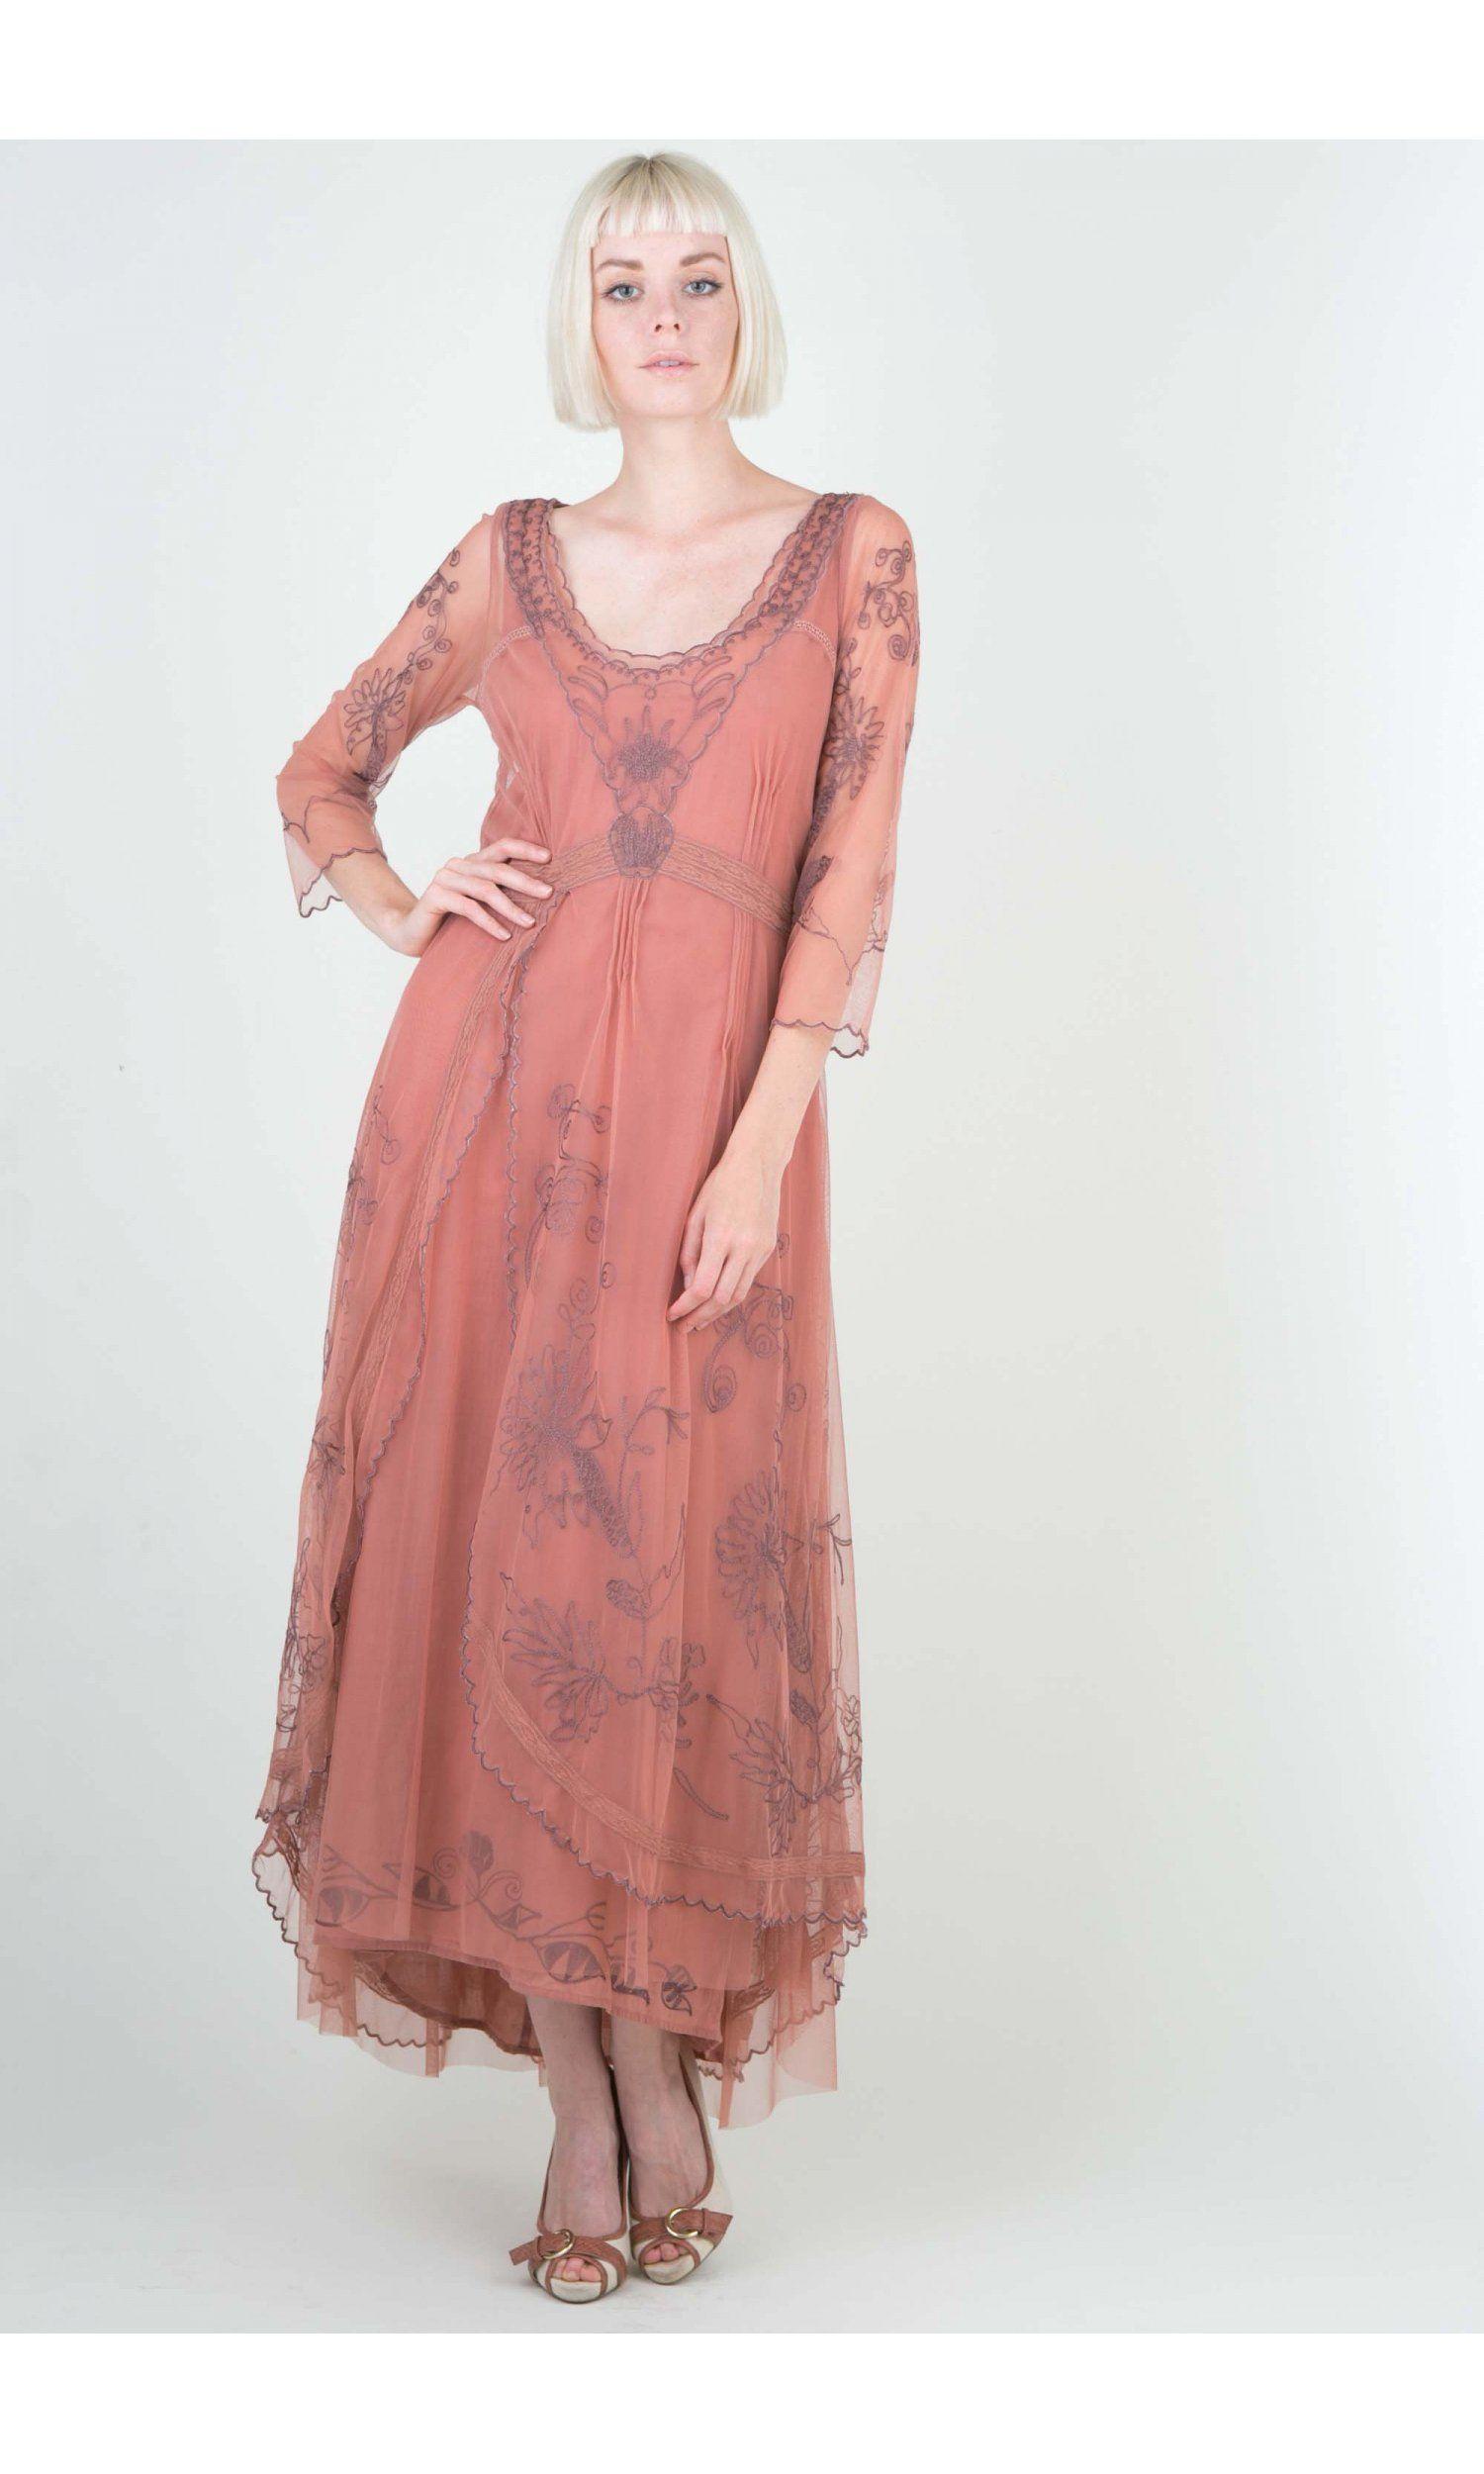 Downton Abbey Tea Party Gown in Ruby by Nataya | MODA MODA ...